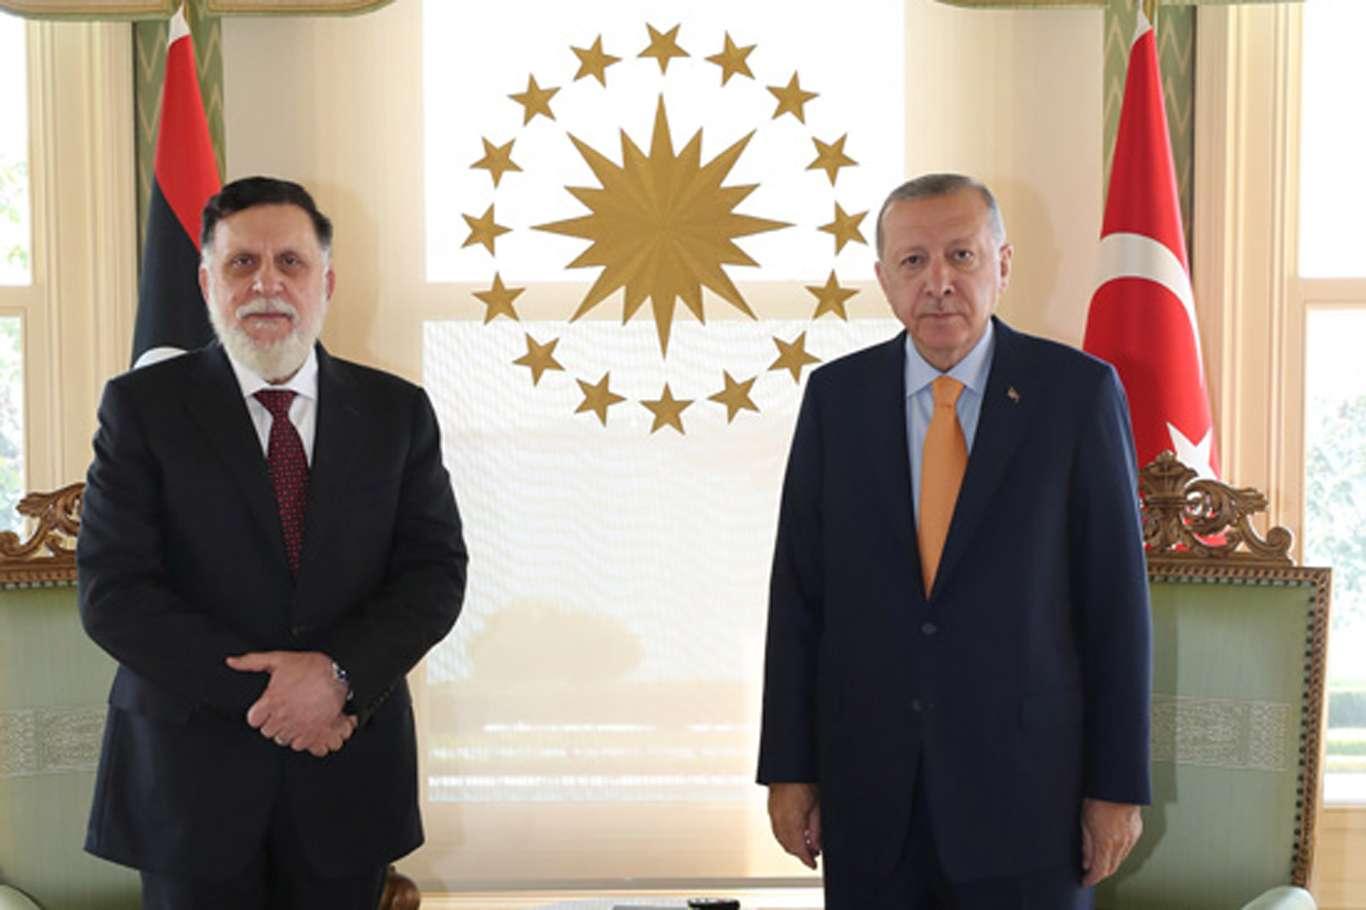 Cumhurbaşkanı Erdoğan ile Libya Başbakanı Es-Serrac görüşmesine ilişkin açıklama